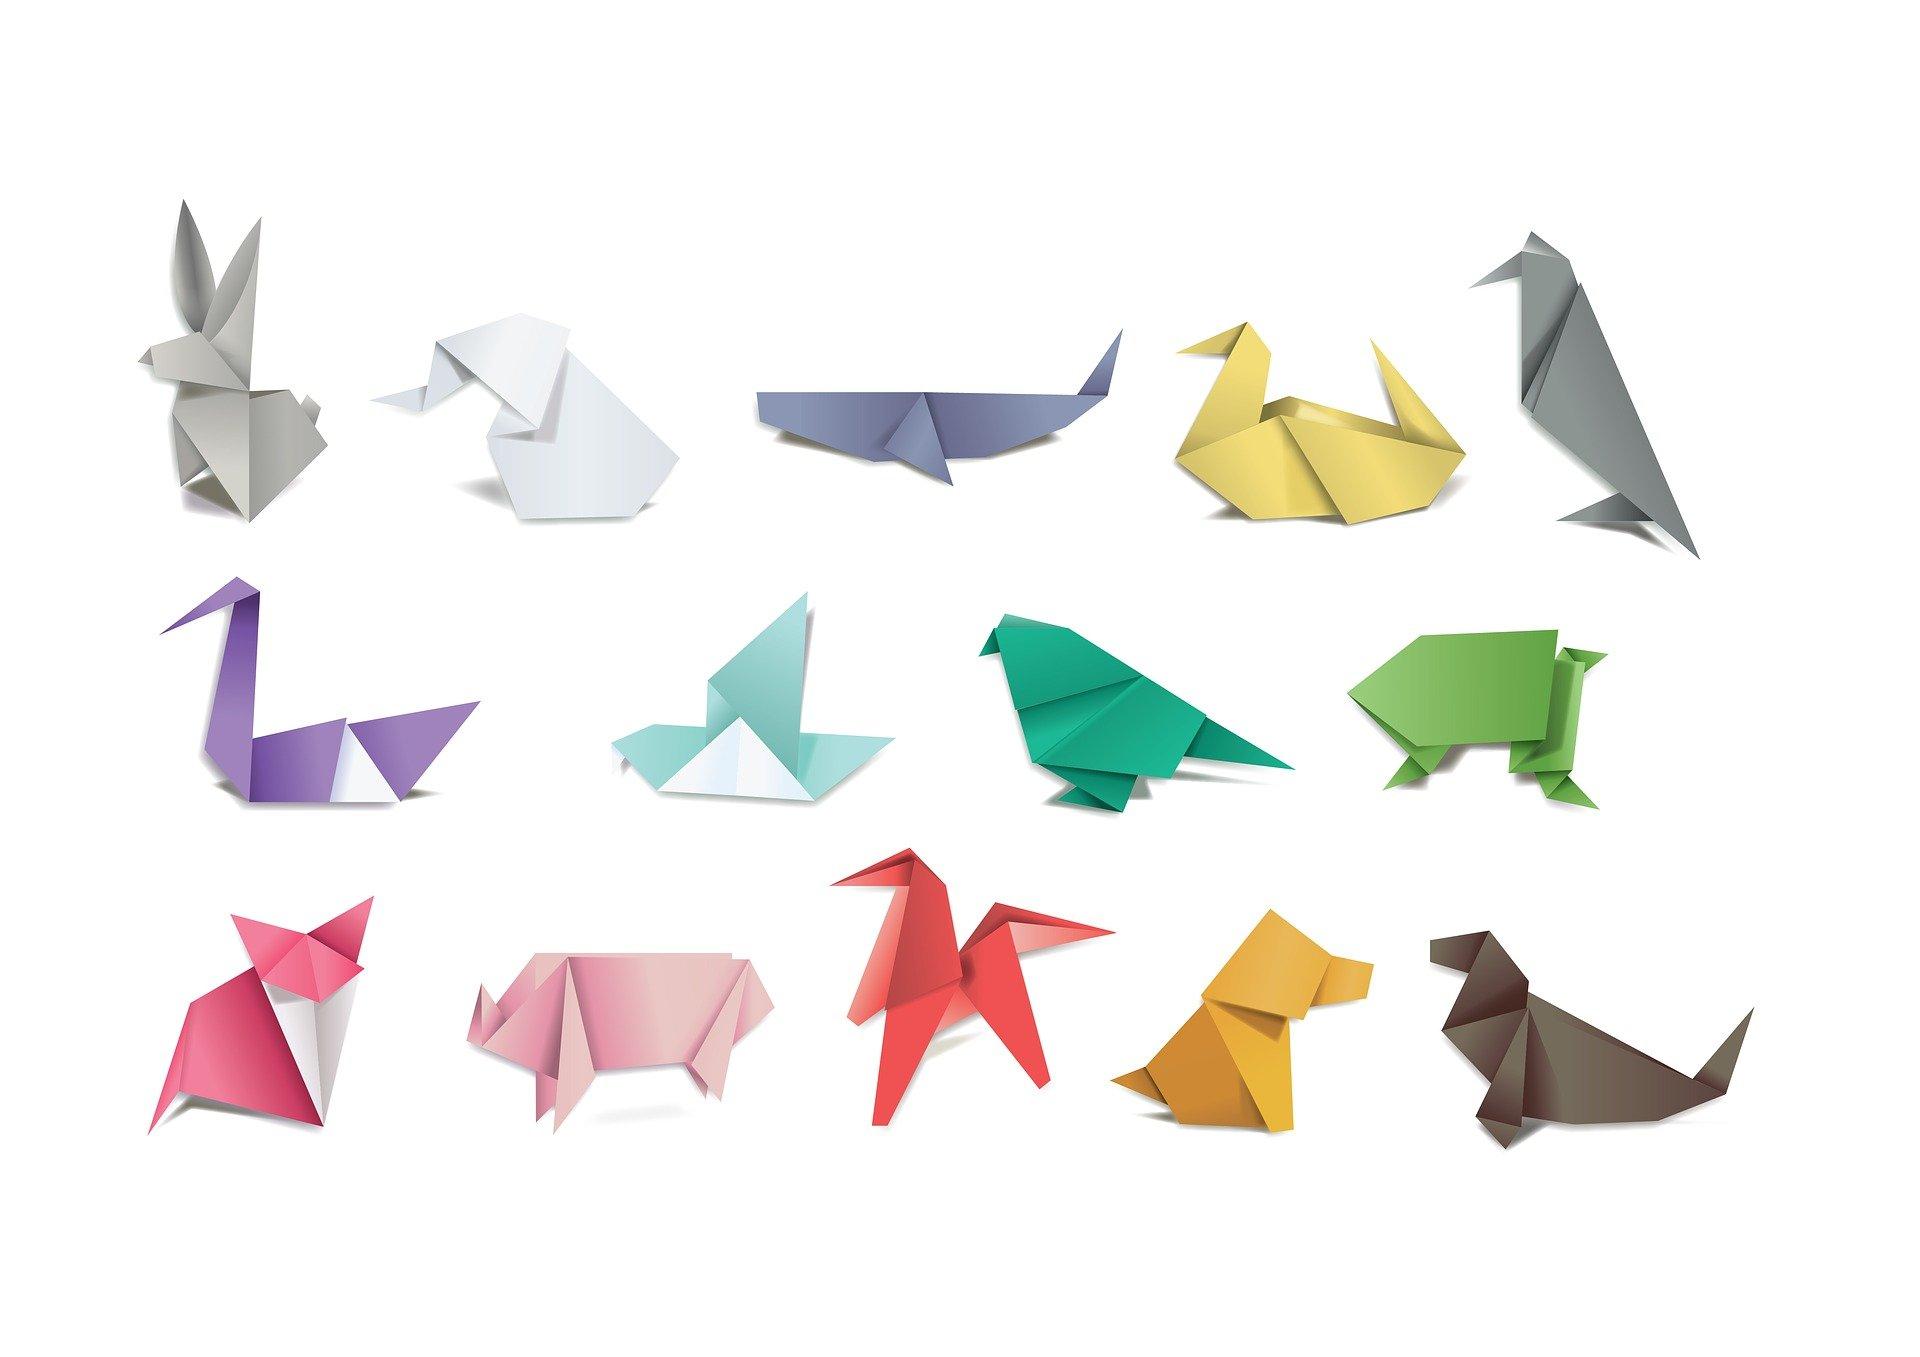 Expoziţie de Origami, în Săptămâna Mare, la Reşiţa